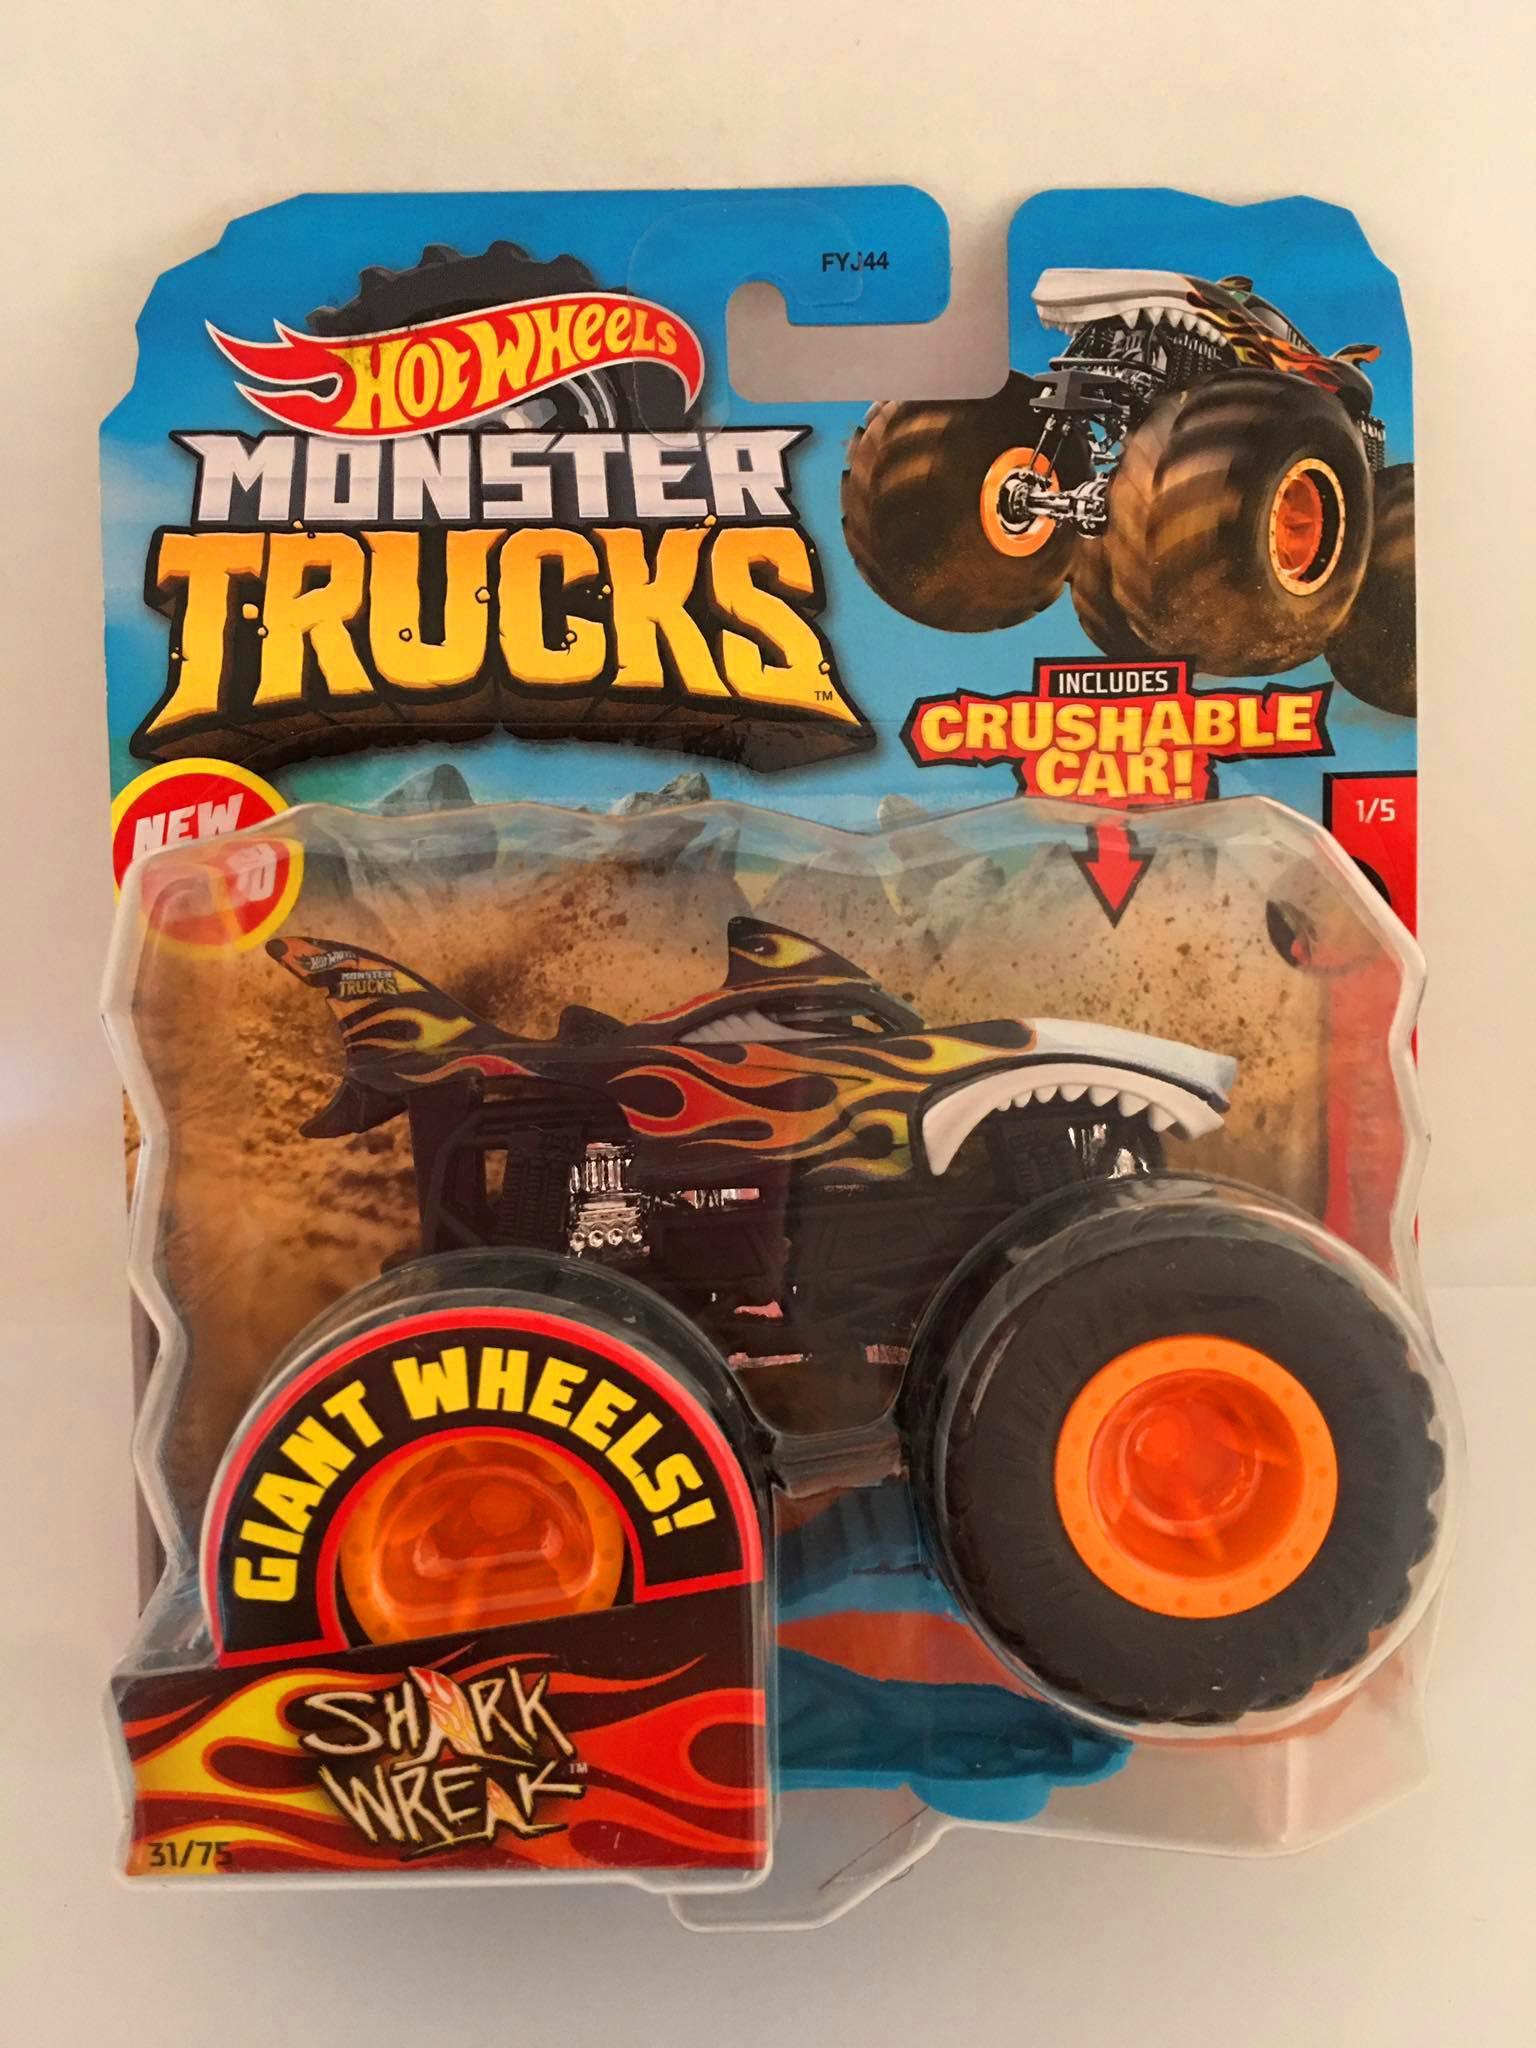 Hot Wheels - Shark Wreak - Giant Whee Preto - Monster Trucks